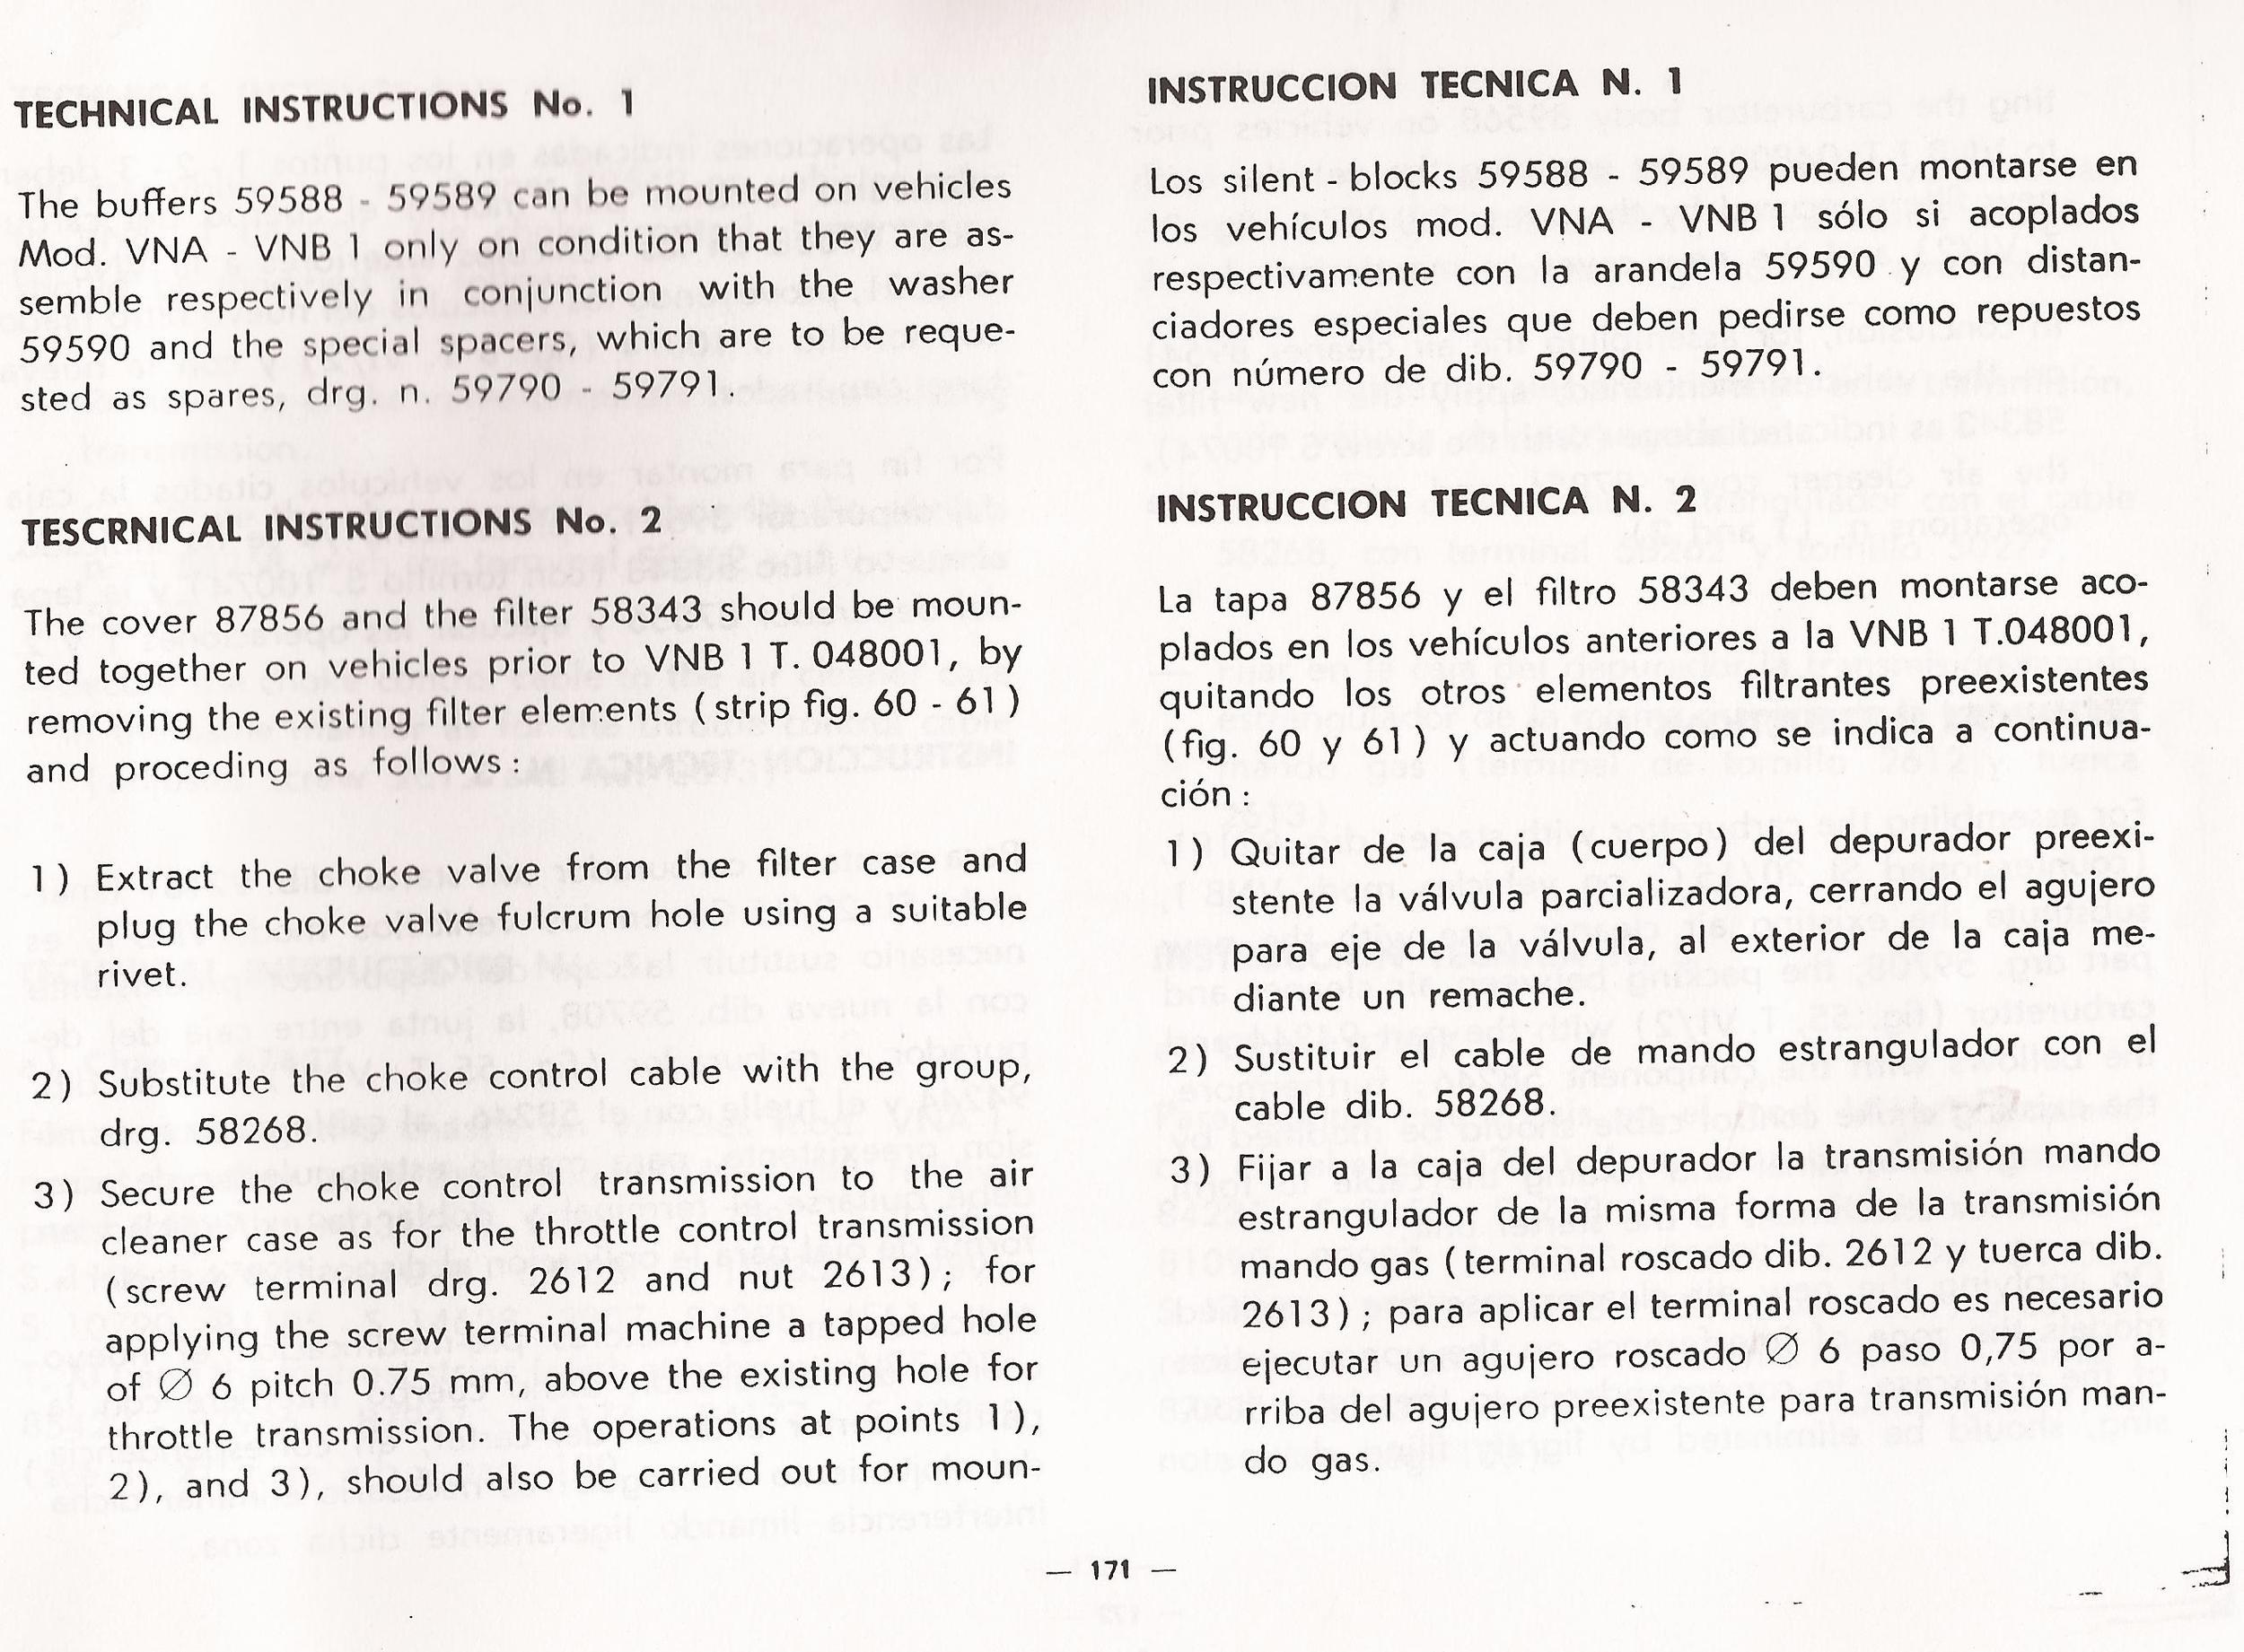 07-16-2013 vespa 125 catalog manuel 182.jpg